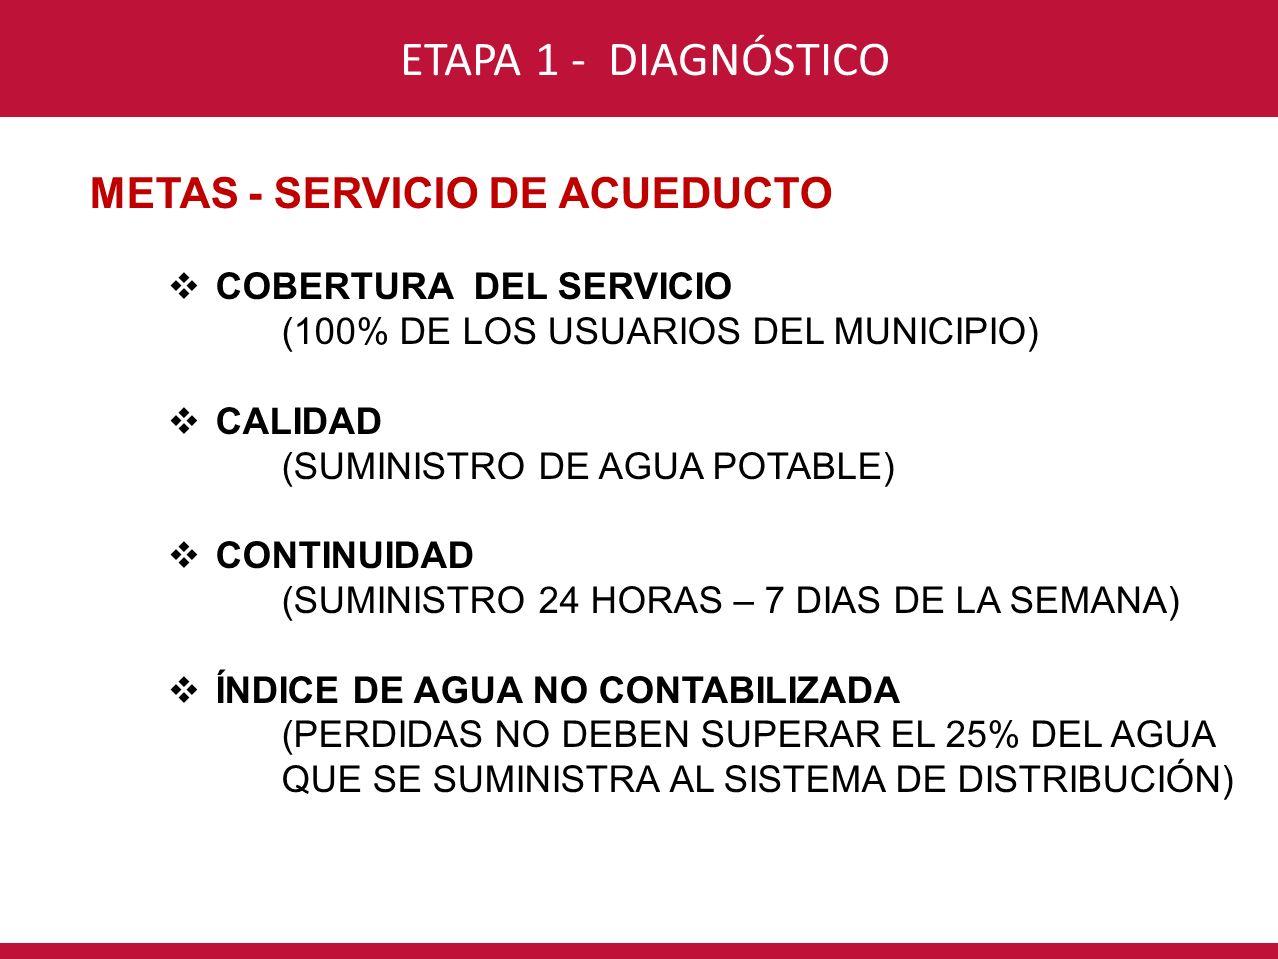 CONSORCIO INTERVENTORÍA POR UN NUEVO VALLE ETAPA 1 - DIAGNÓSTICO 1.